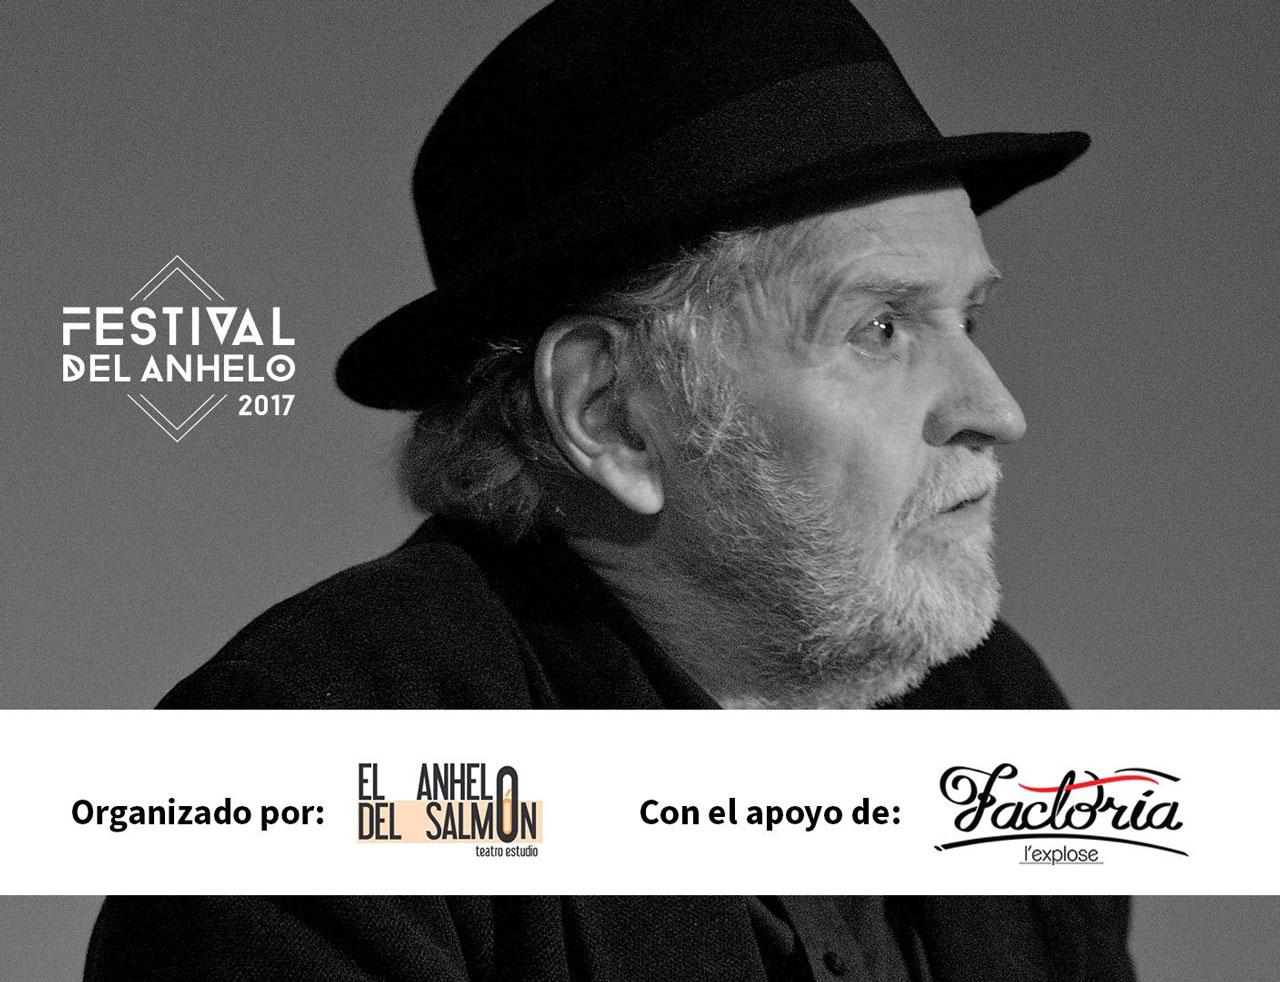 festival-del-anhelo-flyer_0.jpg